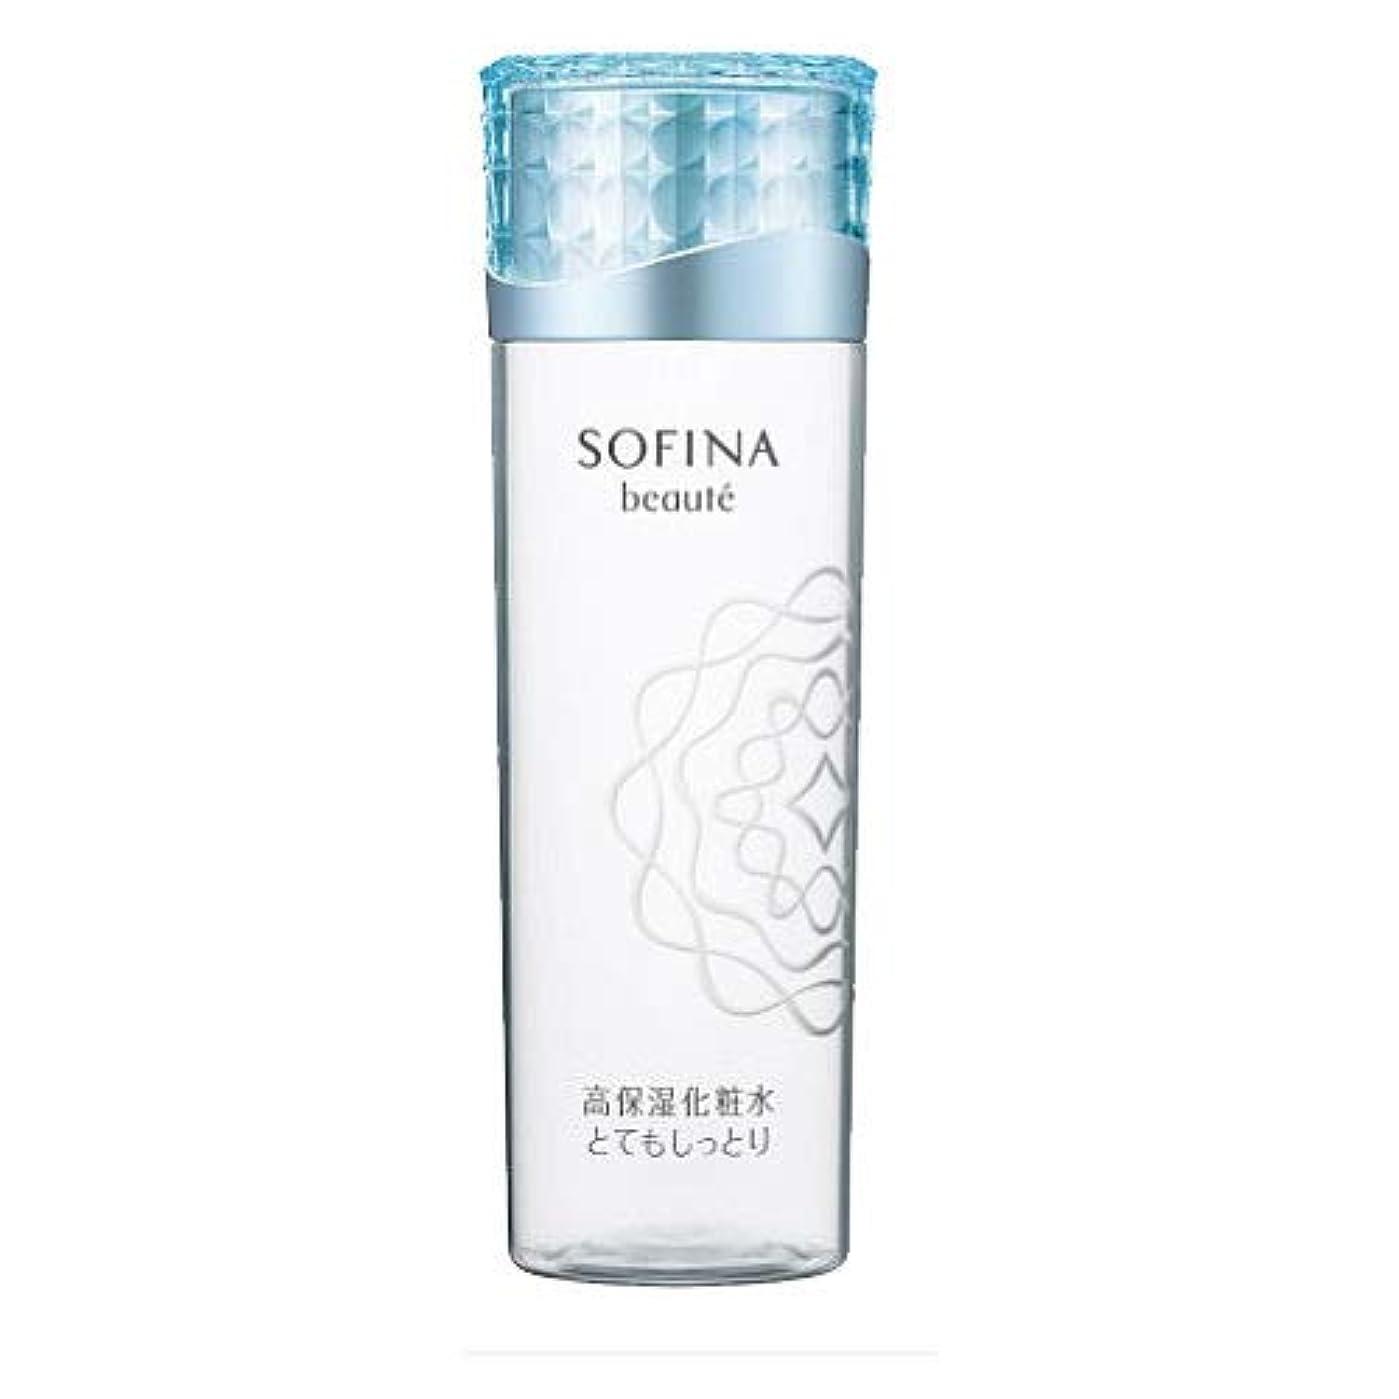 虹つぶすエミュレートする花王 ソフィーナ ボーテ 高保湿化粧水 とてもしっとり 140ml [並行輸入品]